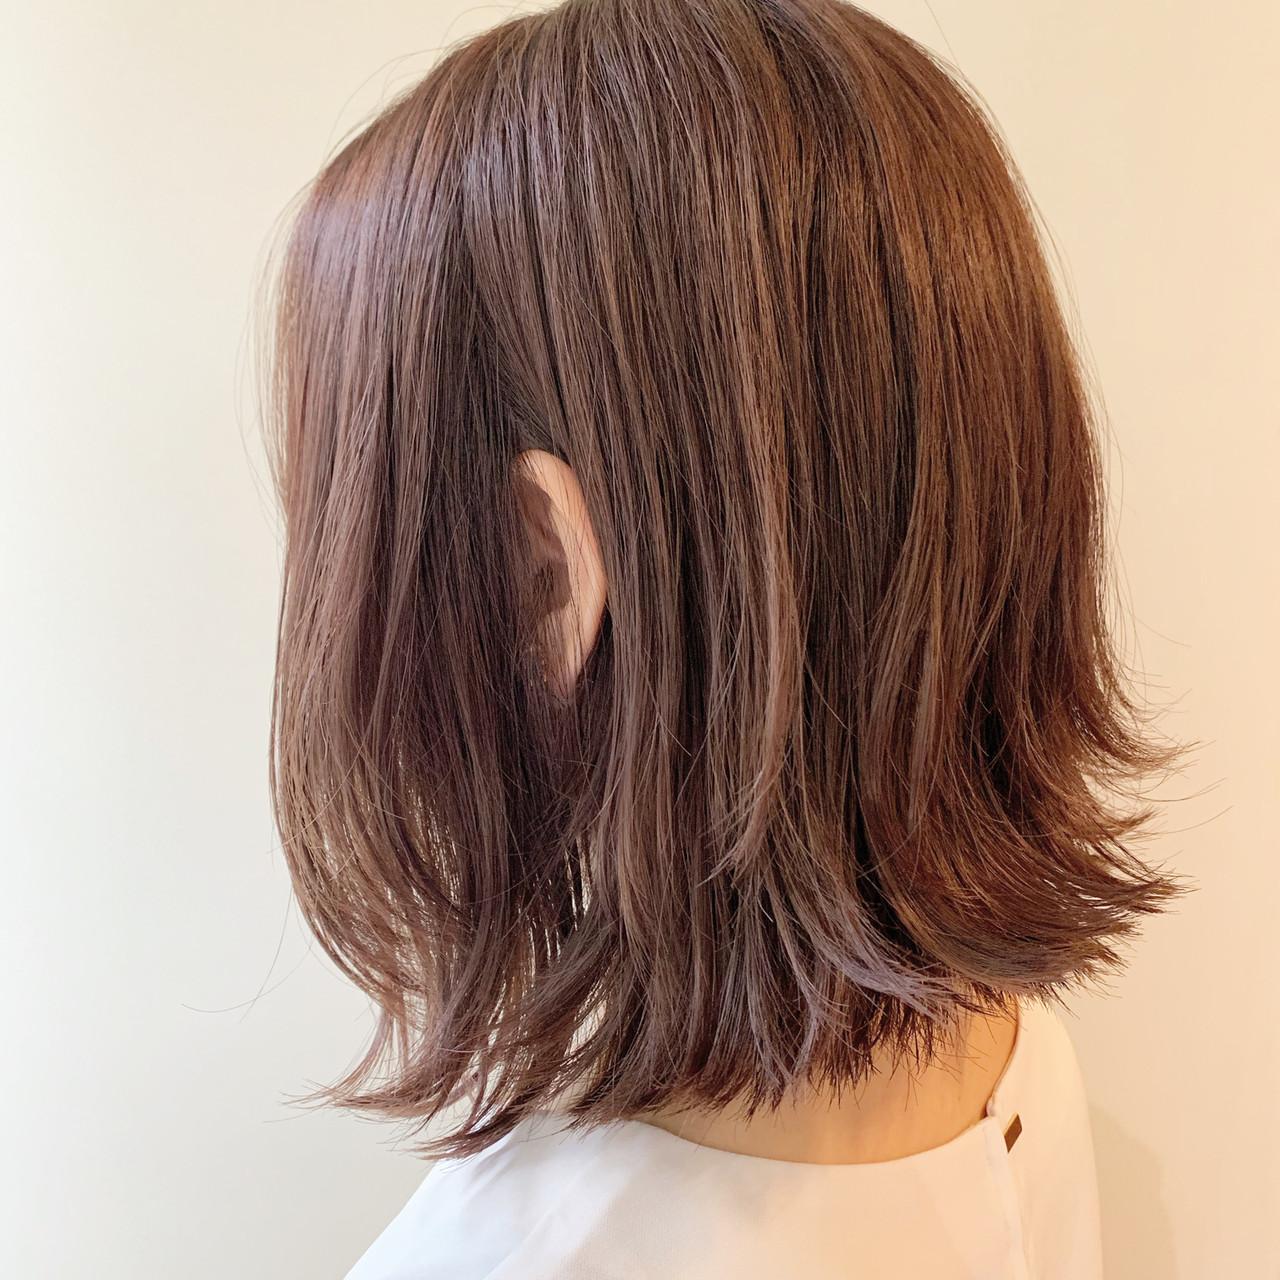 ピンクベージュ ナチュラル デート ボブ ヘアスタイルや髪型の写真・画像 | 谷川 健太 / ROVERSI